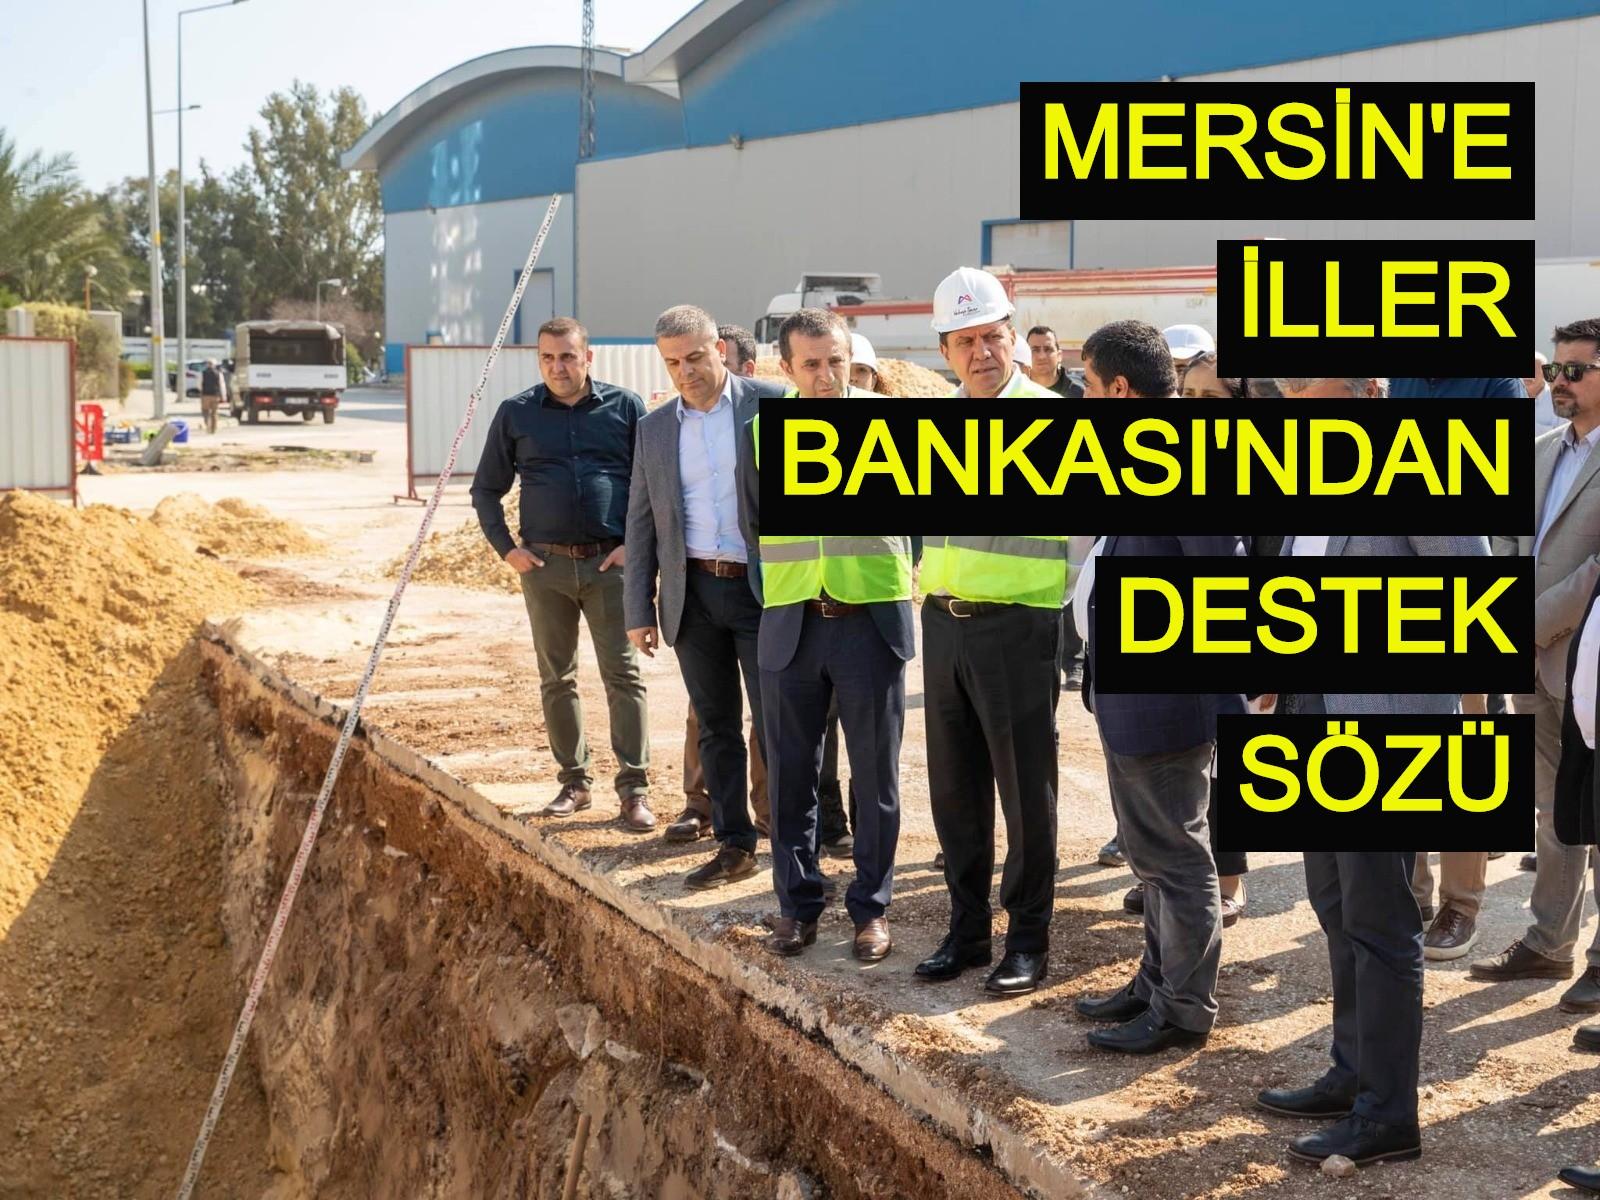 Mersin'e İller Bankası'ndan destek sözü